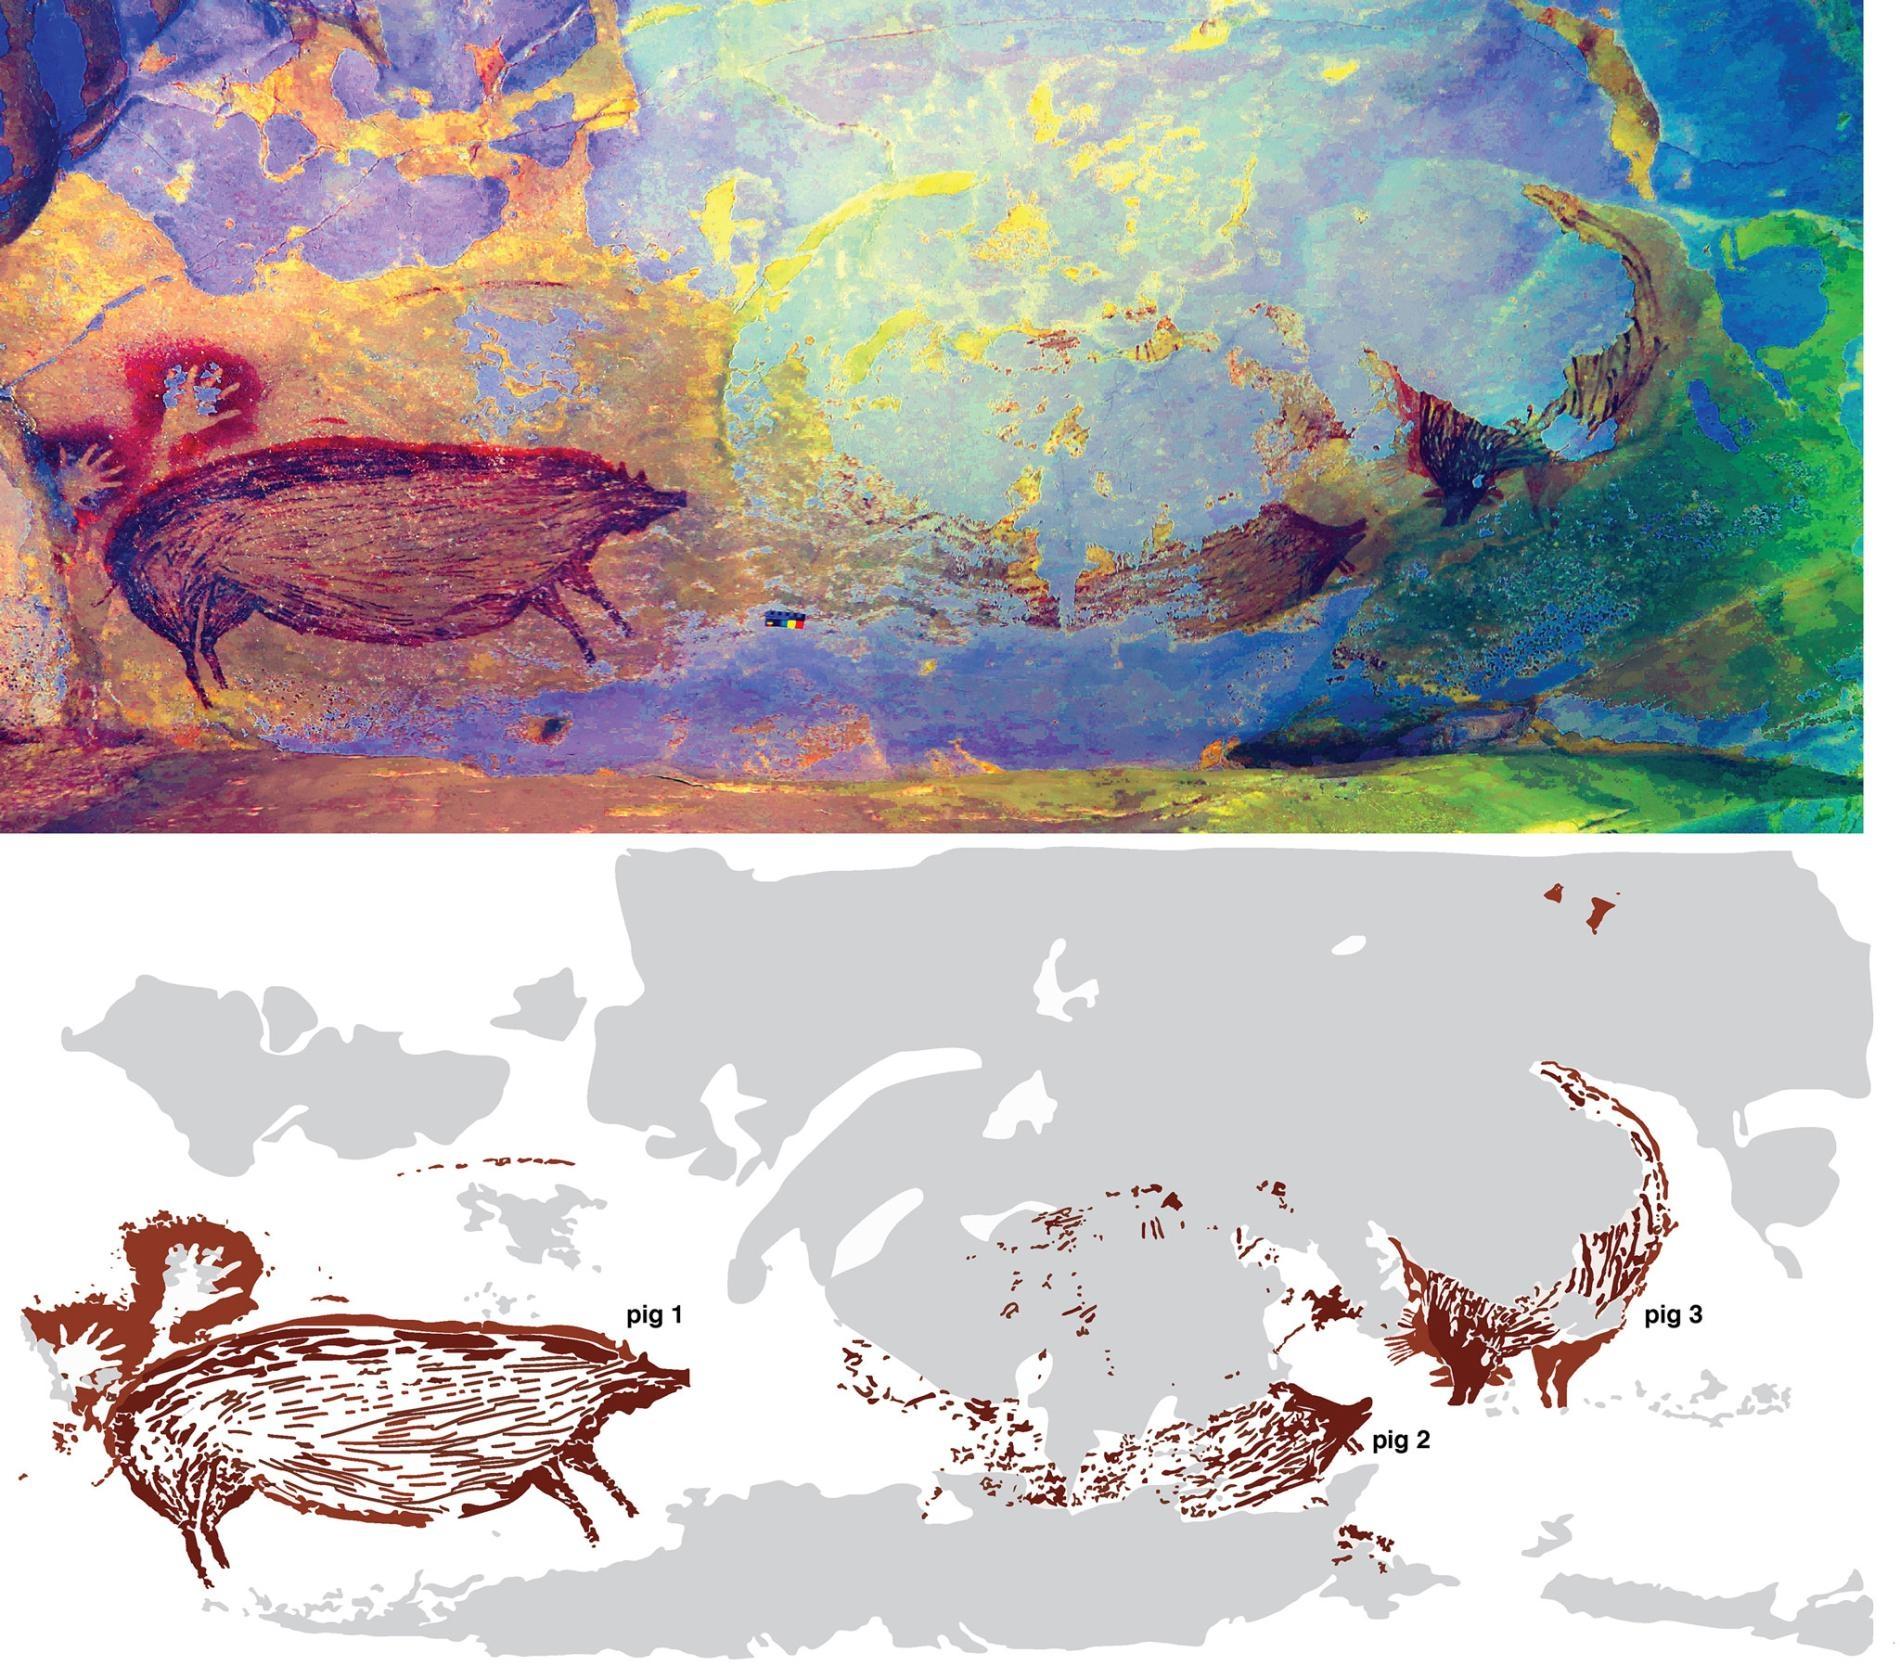 這幅洞穴壁畫可能描繪著數隻疣豬互動的場景。但是侵蝕作用已經帶走了兩頭或可能三頭豬的大部分身體,使得科學家難以辨識原圖描繪的切確畫面。AA OKTAVIANA